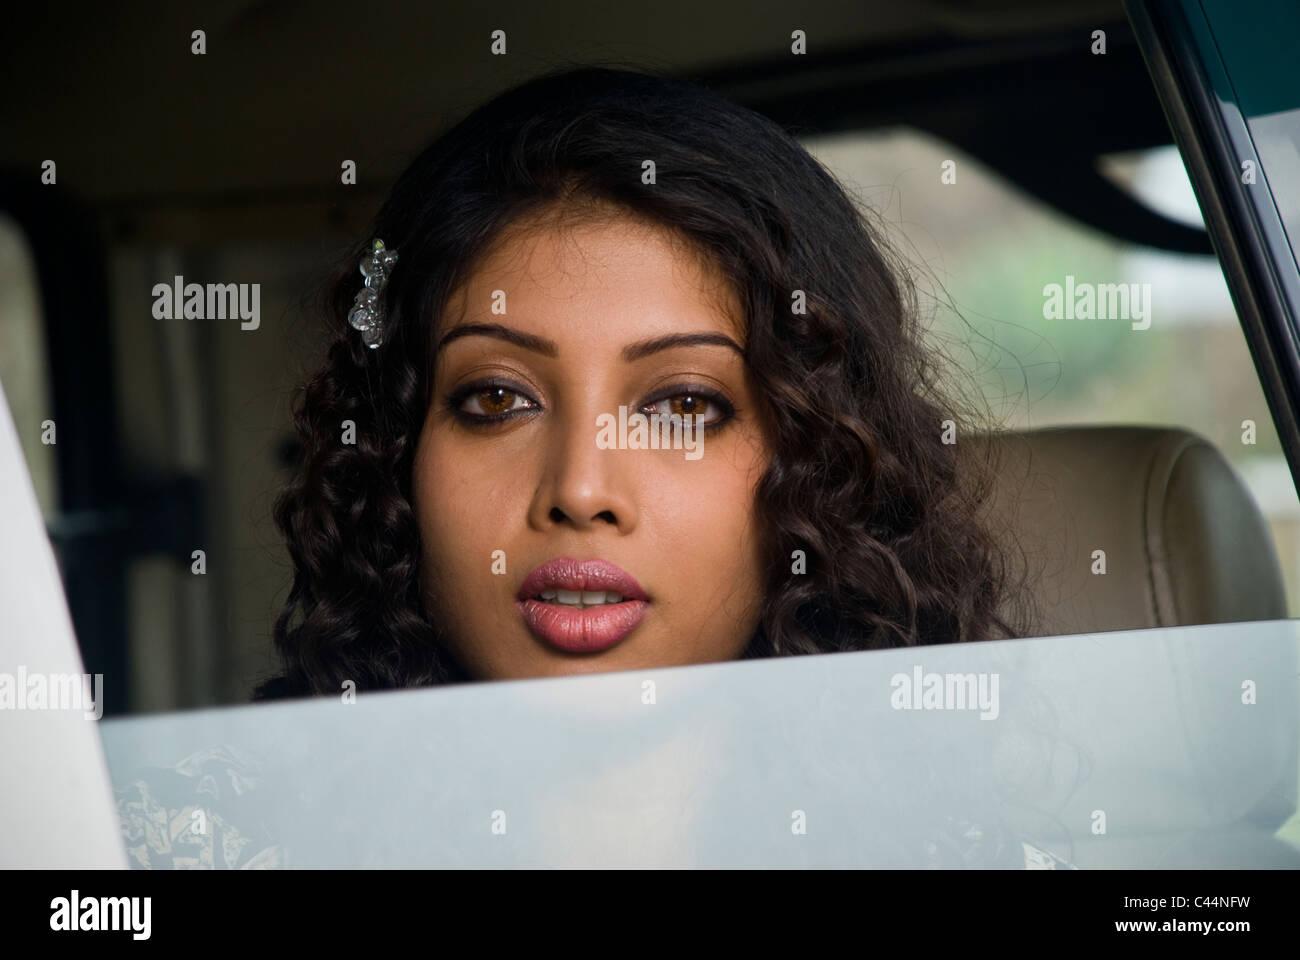 Una niña india mirando a través de la ventanilla del automóvil Imagen De Stock